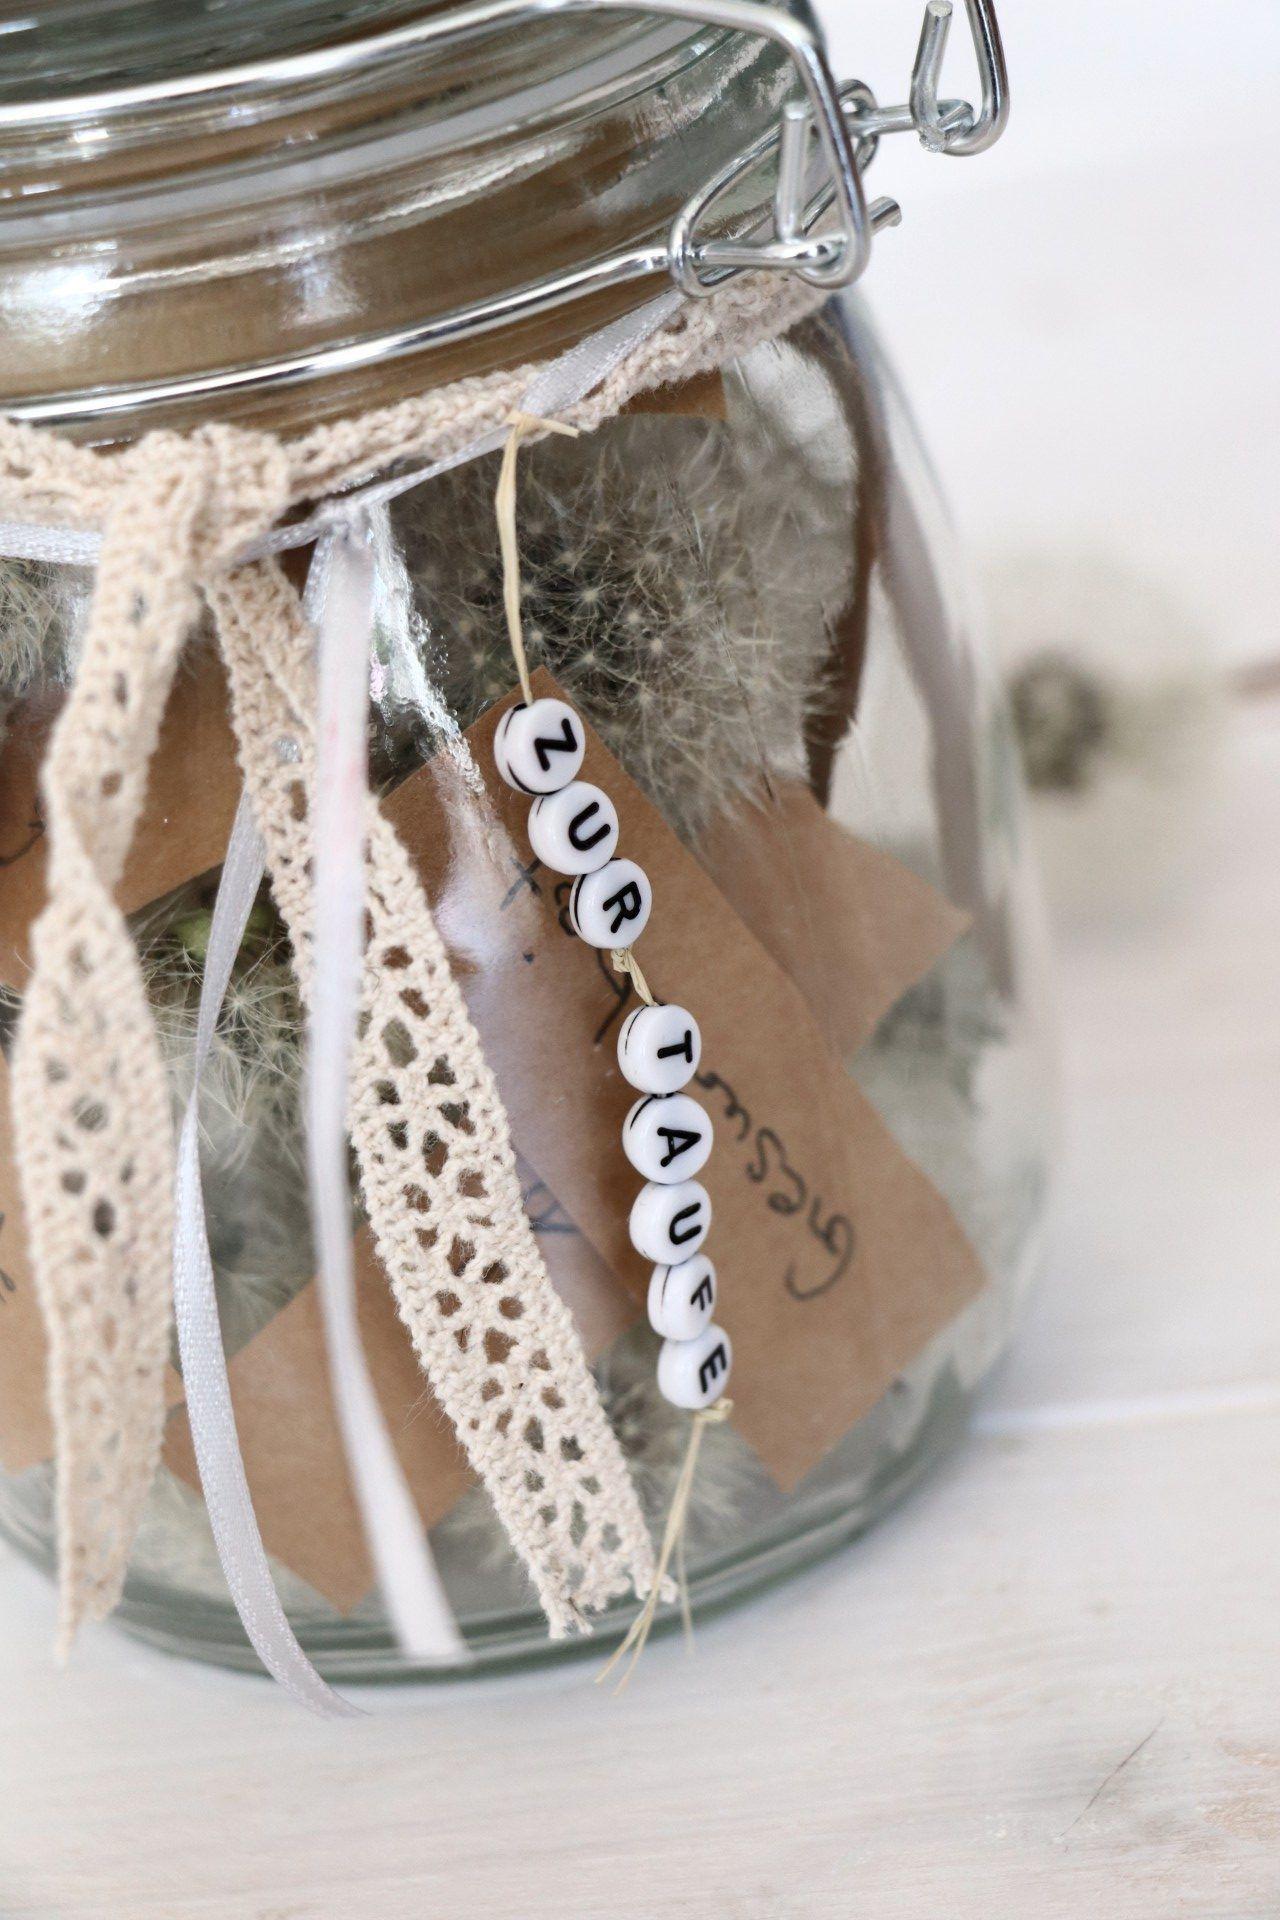 Persönliches Geschenk Zur Taufe Pusteblumen Im Glas